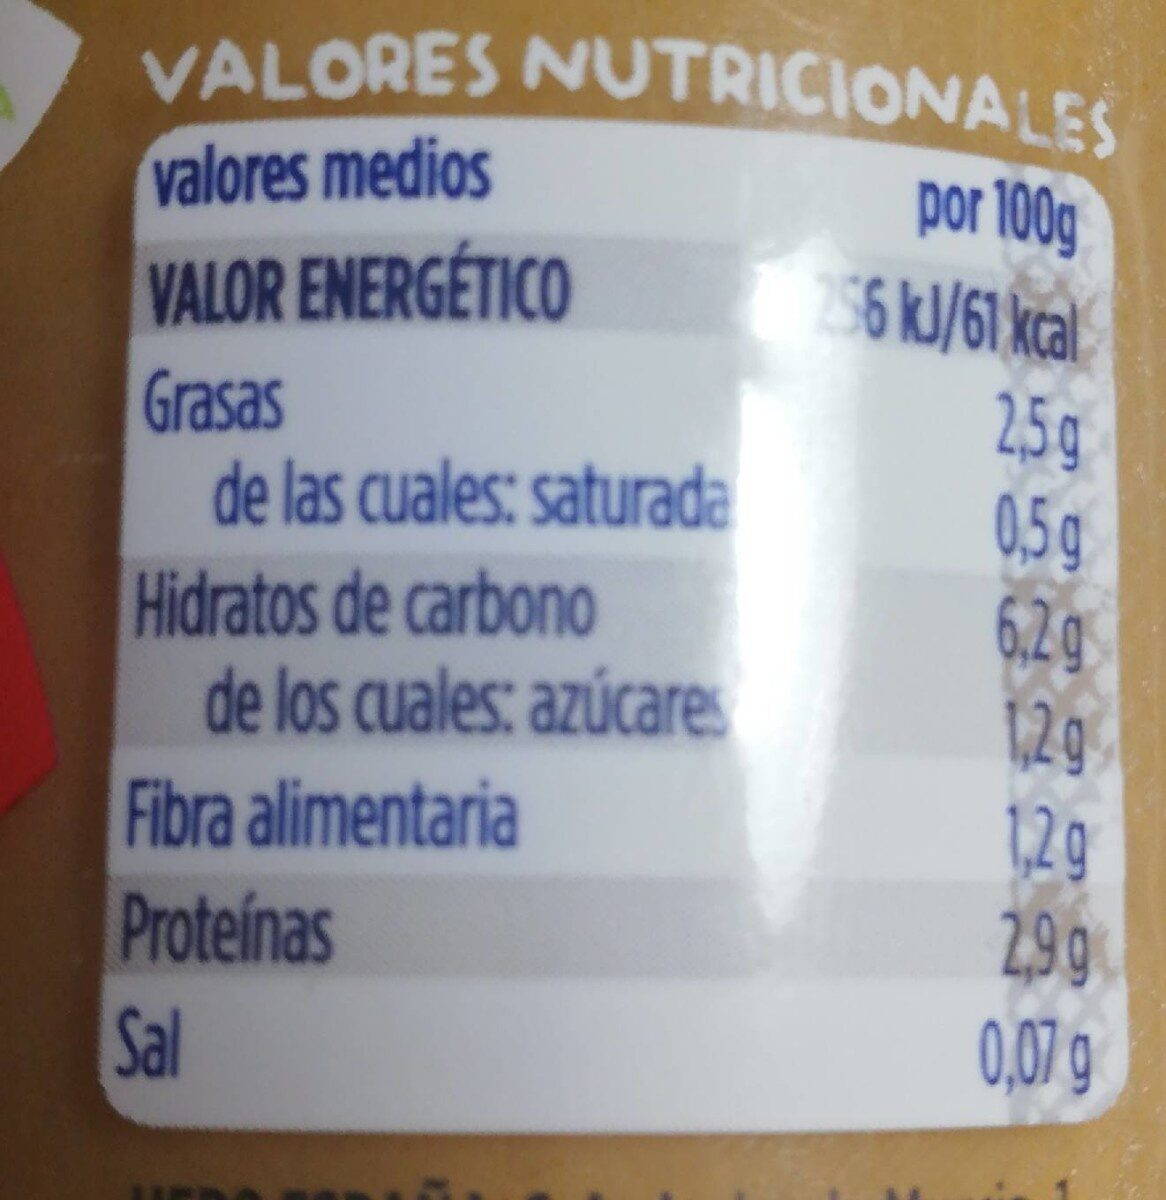 Natur verduritas con pollo y ternera - Información nutricional - es